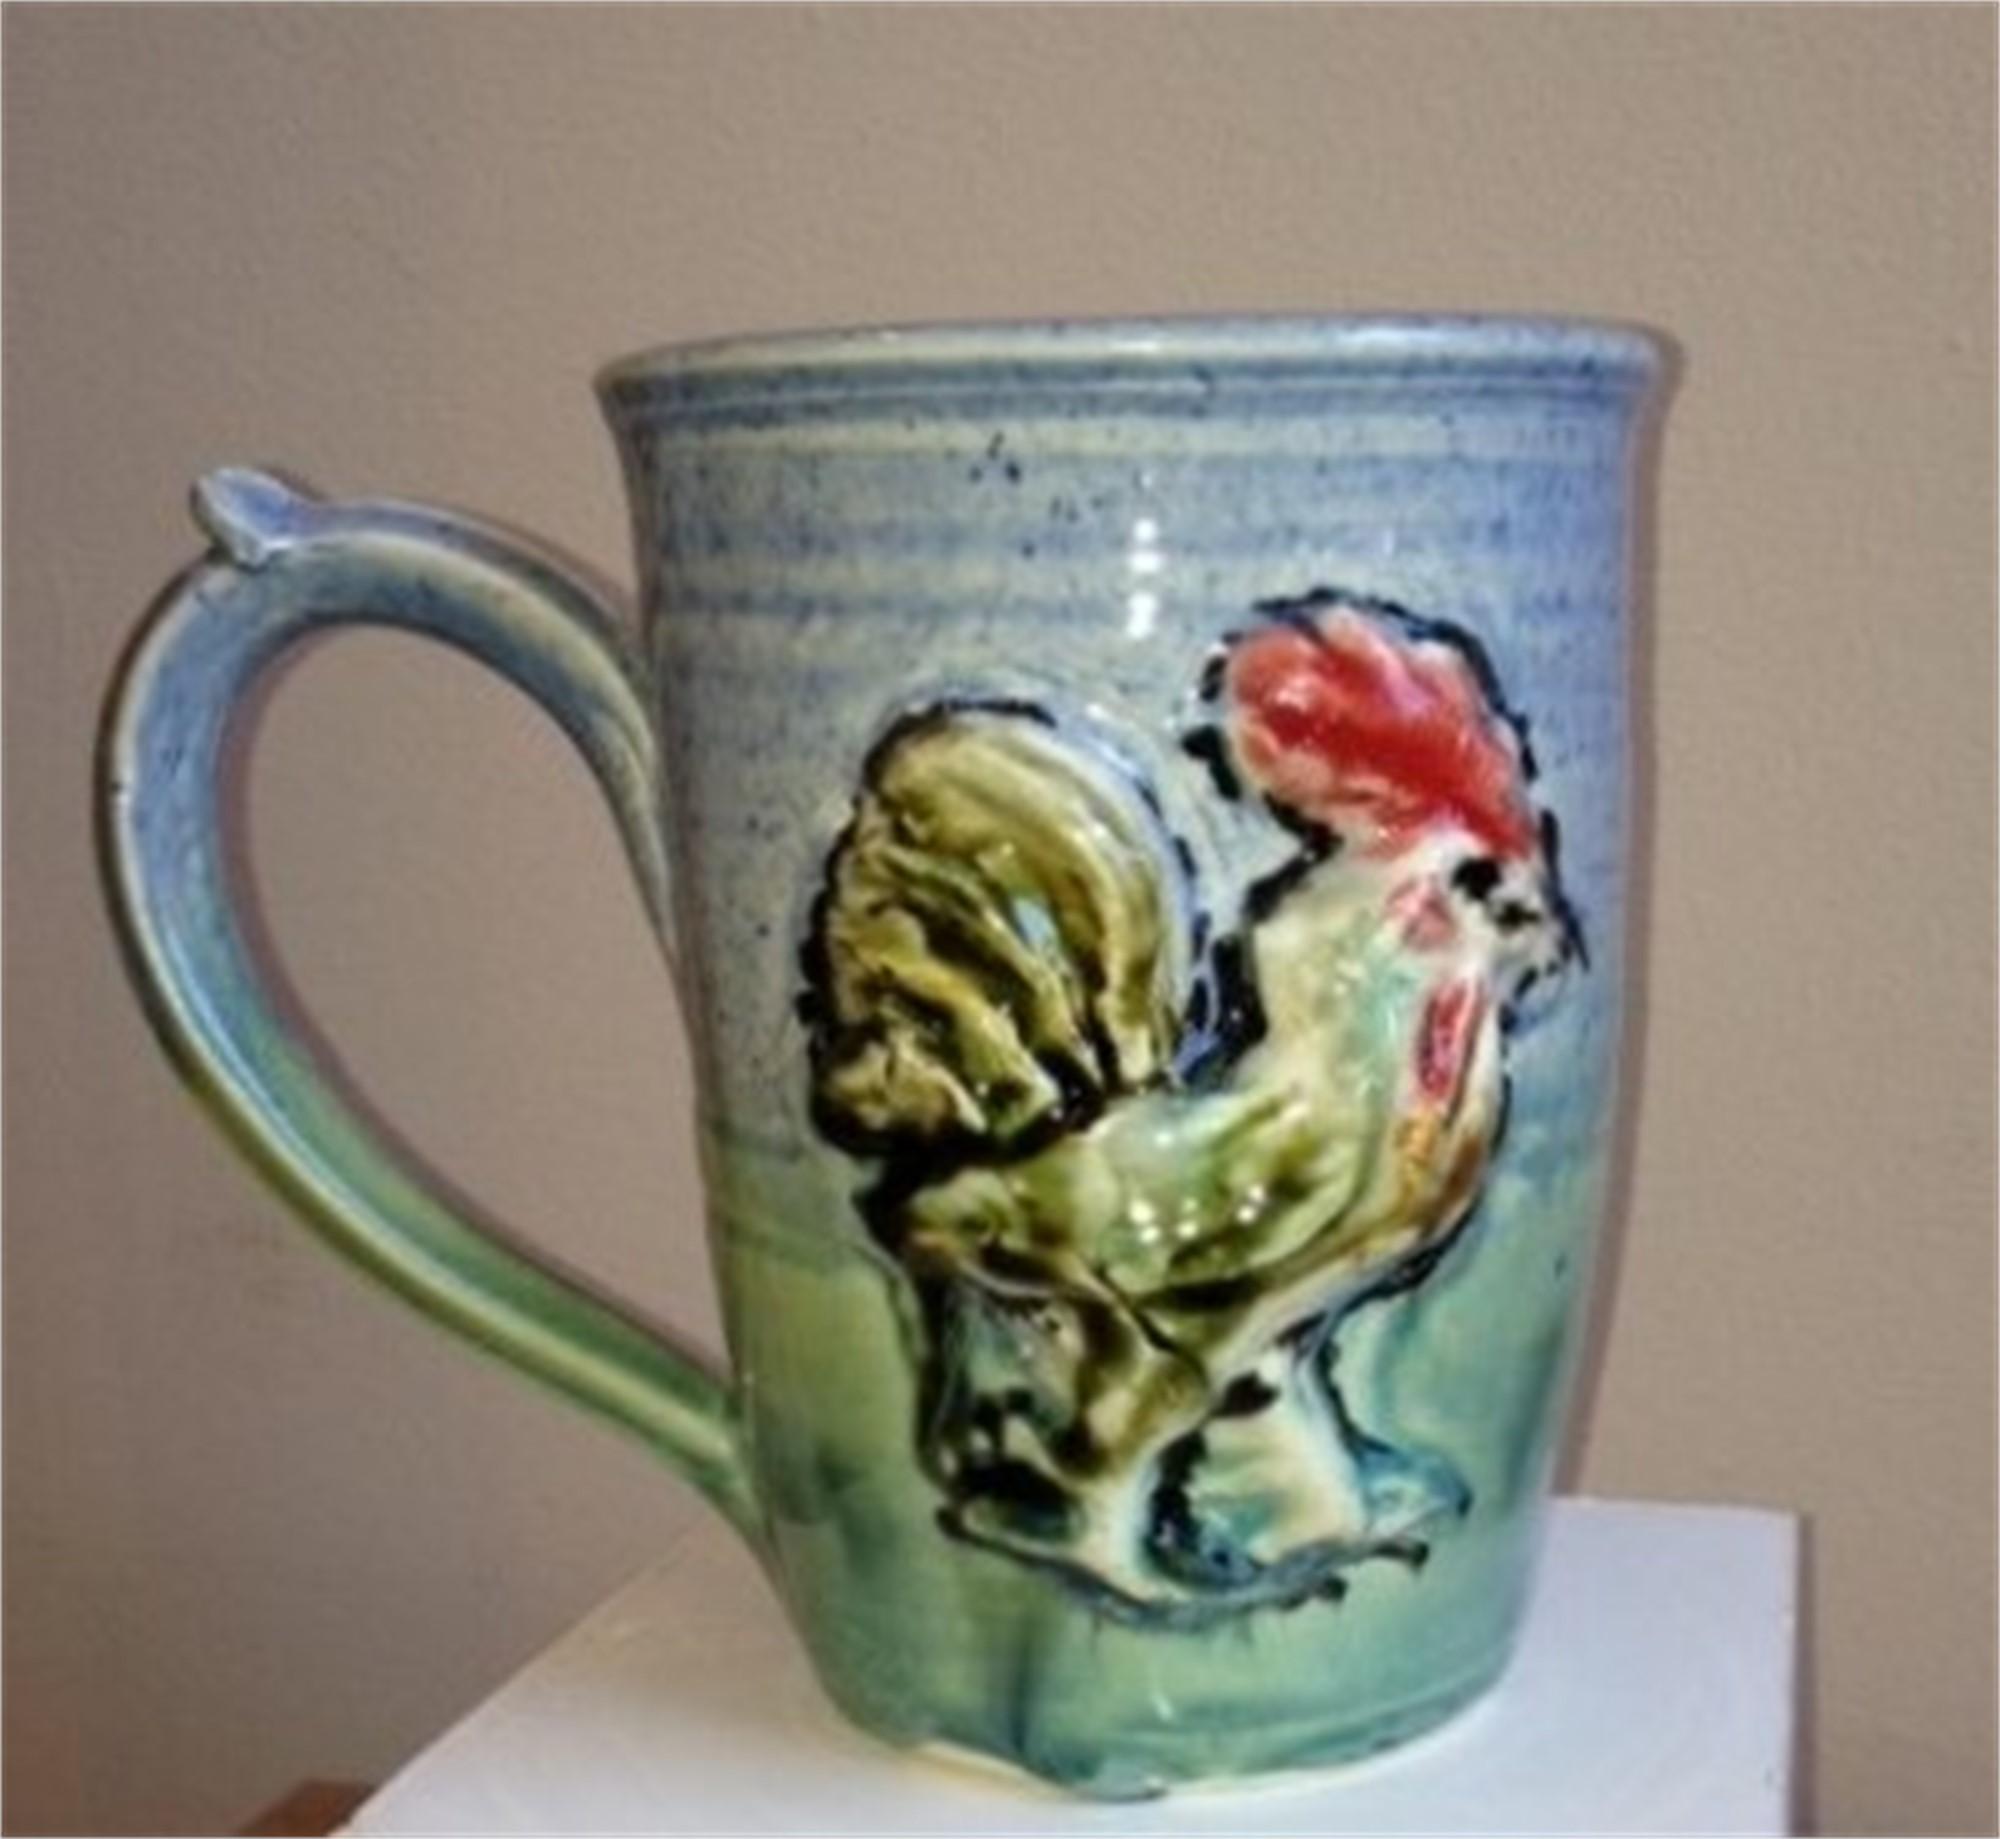 Rooster Mug by Kate Krause